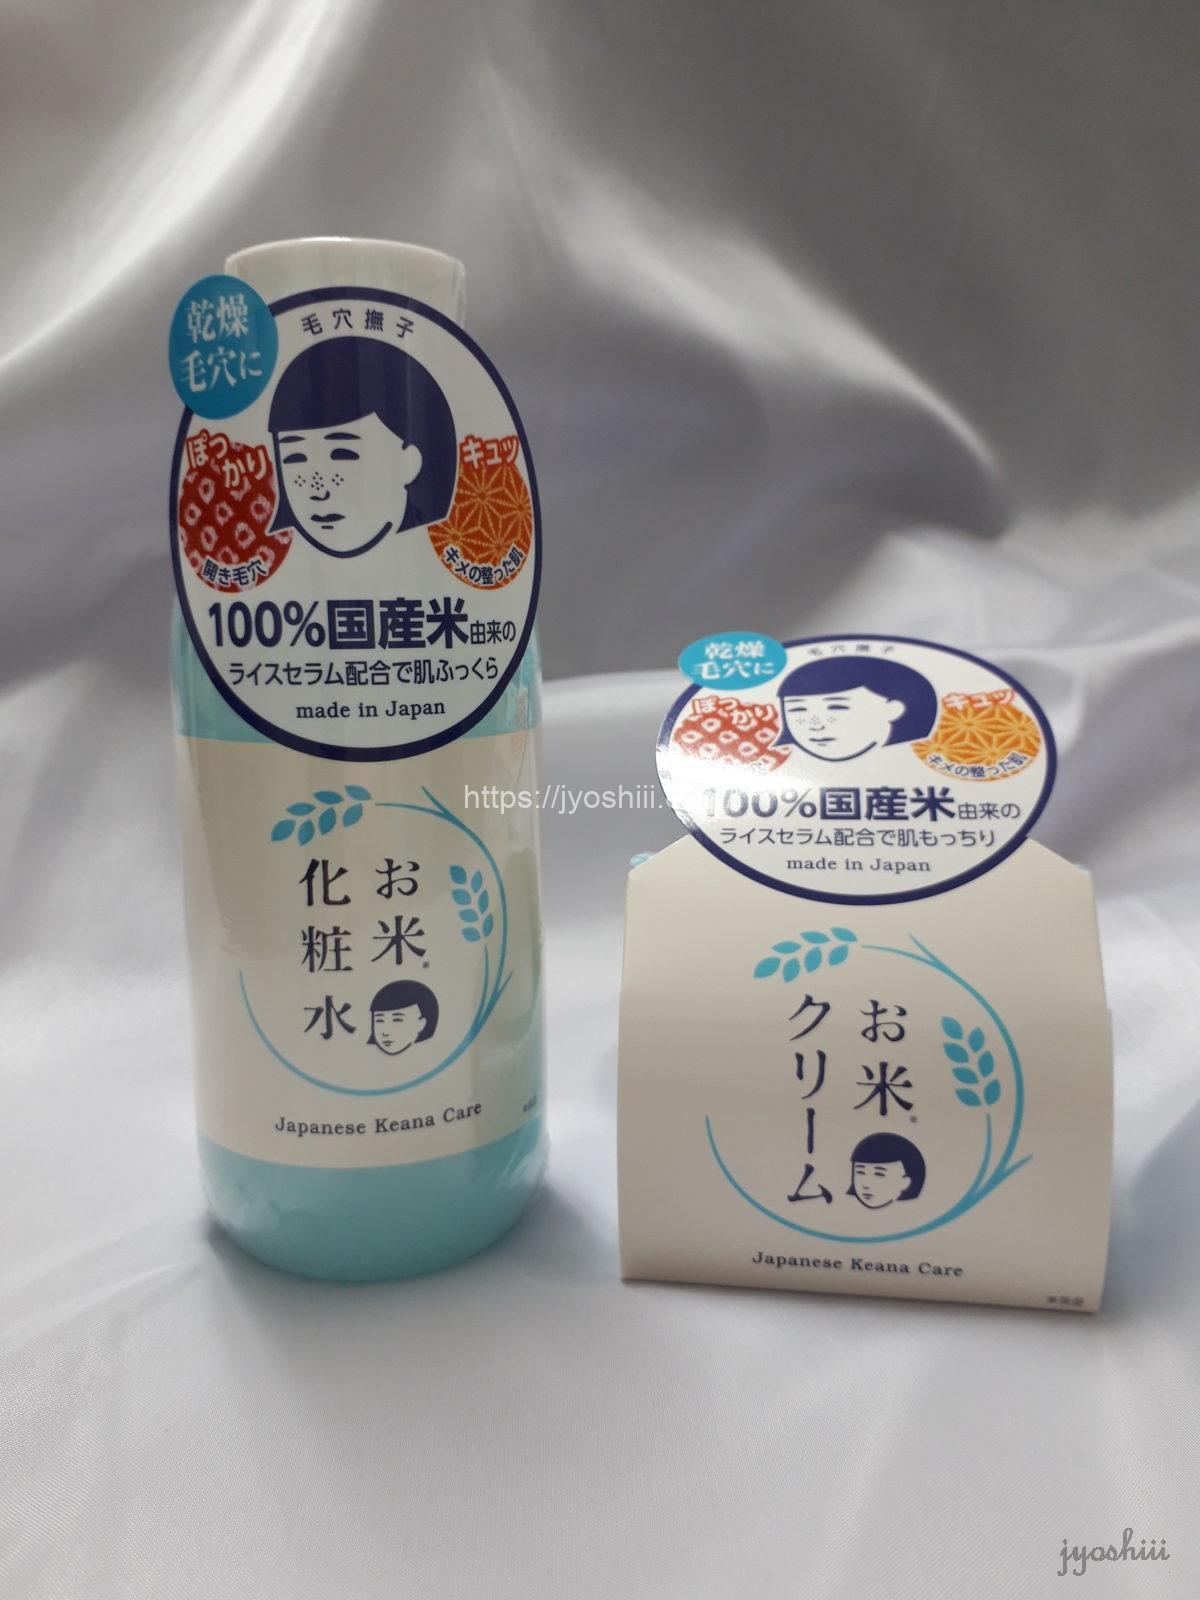 毛穴撫子お米のスキンケアシリーズ・化粧水とクリームのお試しレビュー